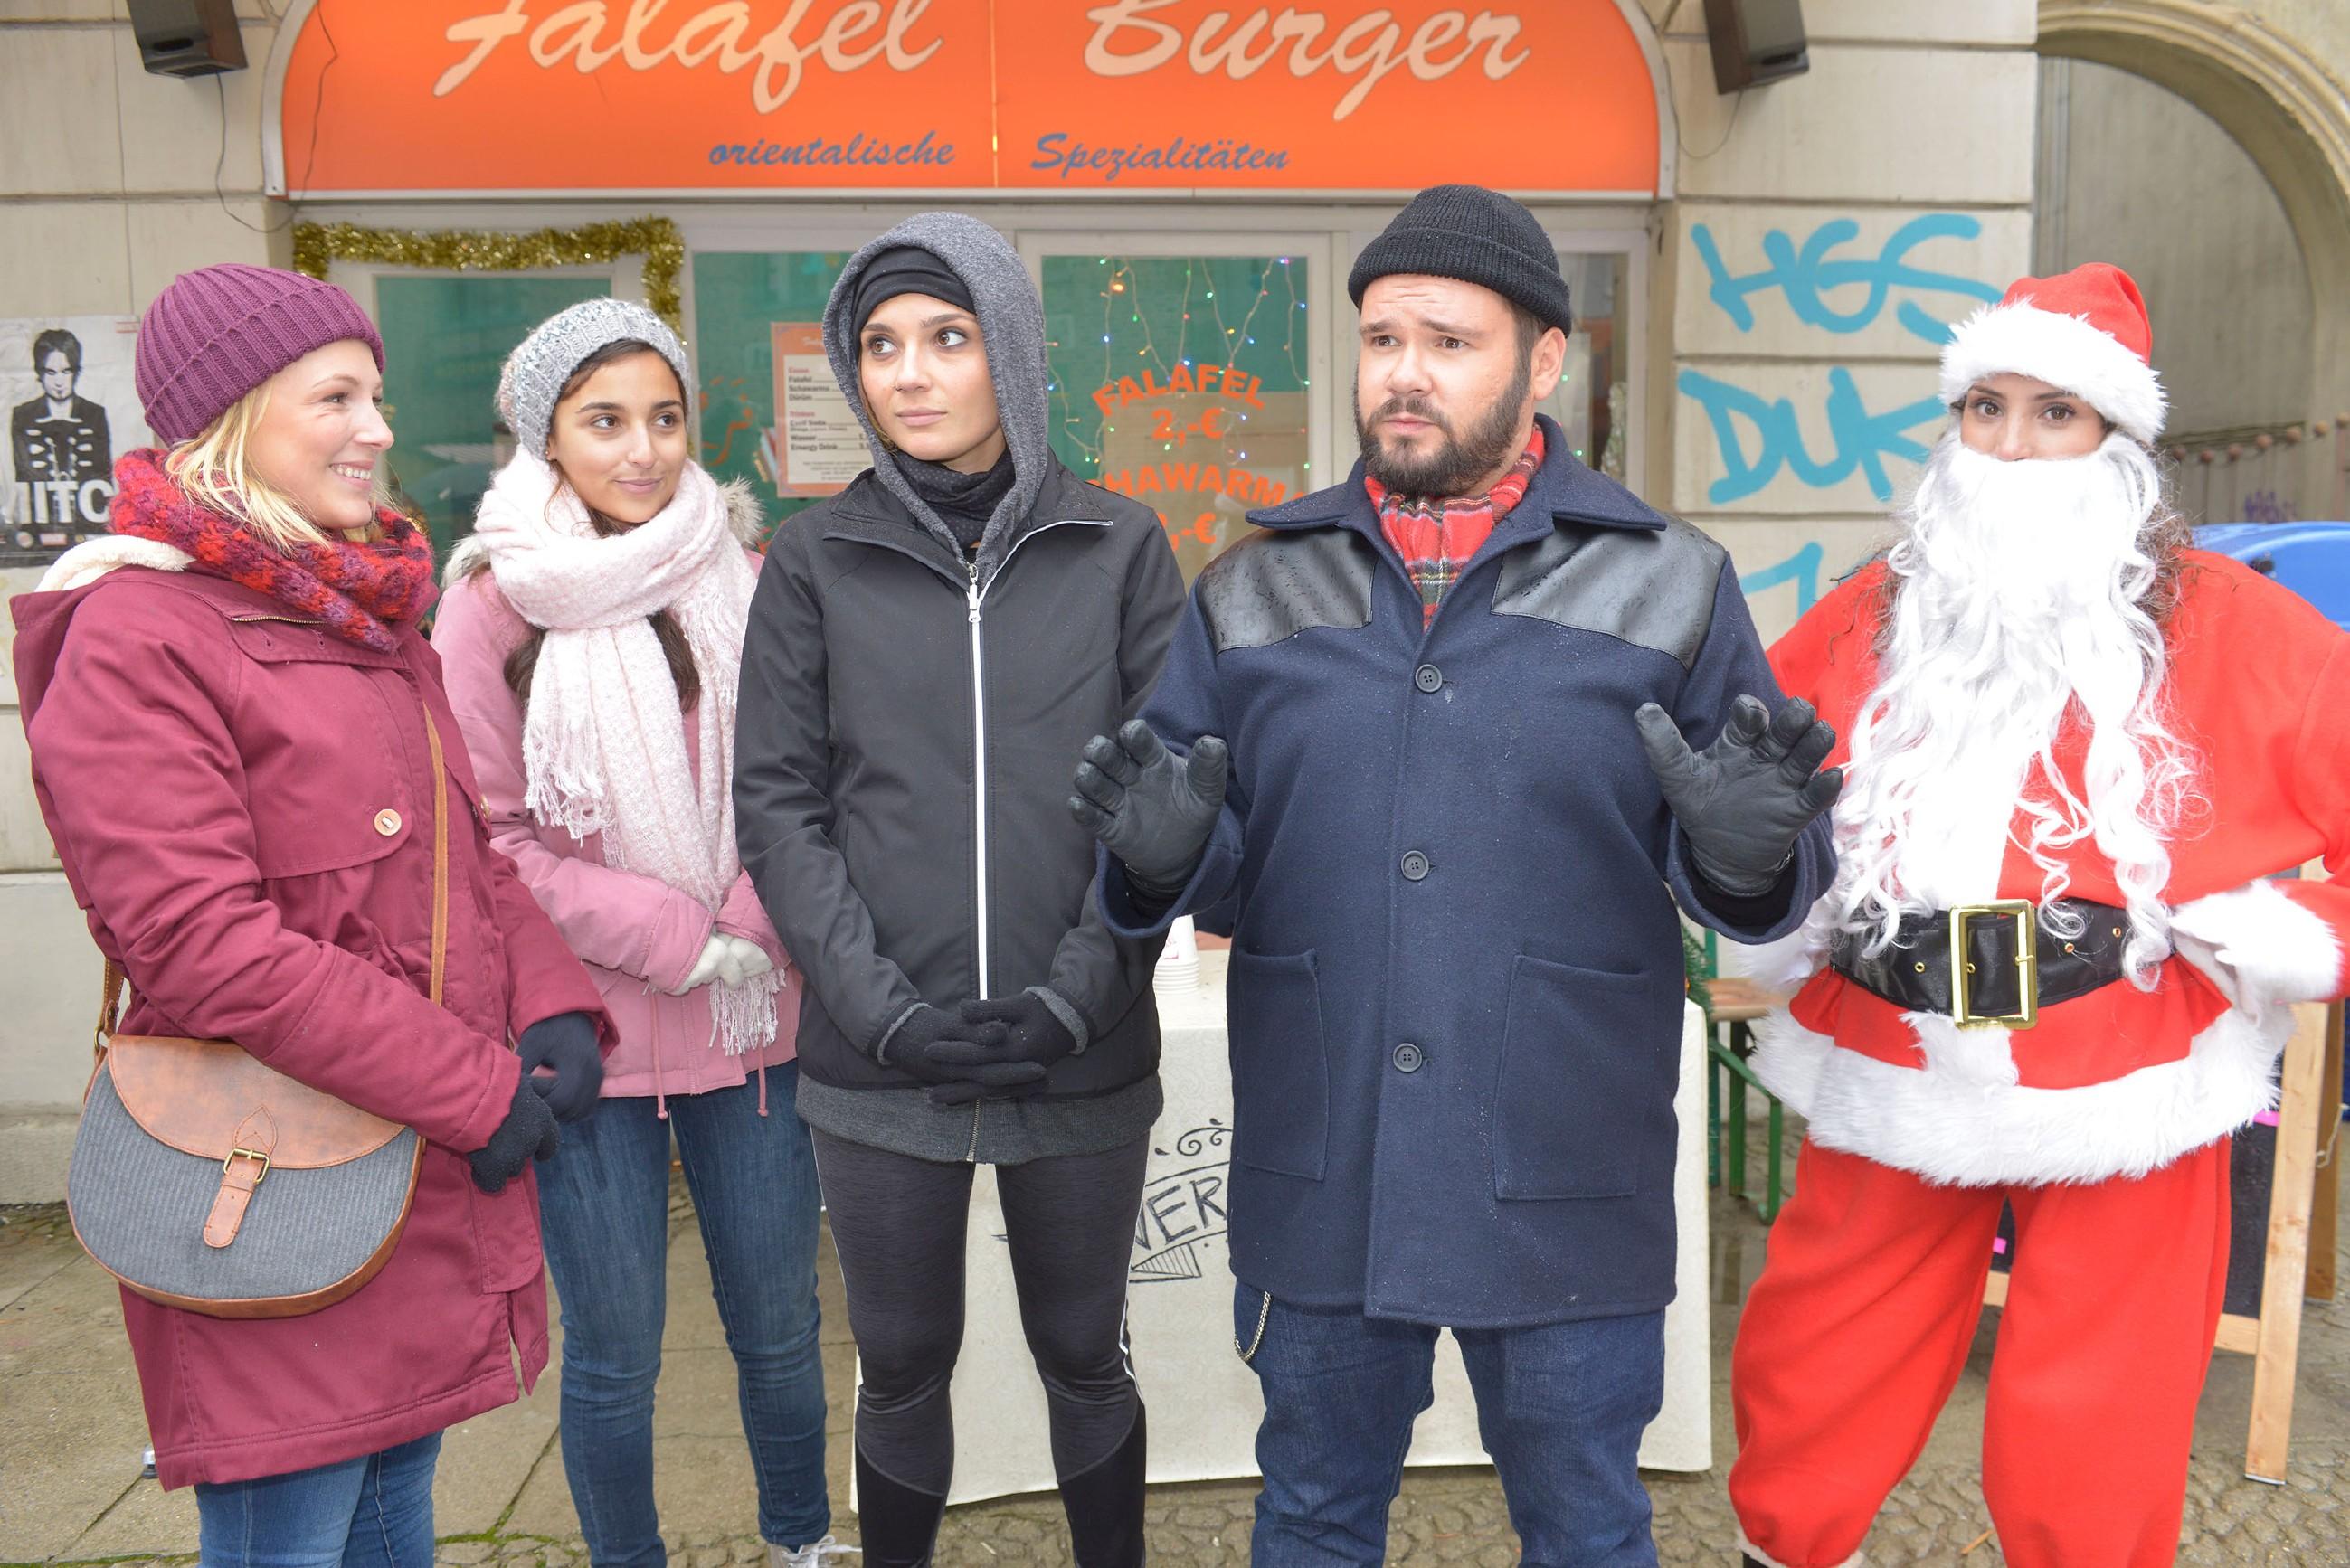 Lilly (Iris Mareike Steen, l.), Selma (Rona Özkan, 2.v.l.) und Tuner (Thomas Drechsel) sind gespannt, wie der Wettlauf zwischen Anni (Linda Marlen Runge) und Ayla (Nadine Menz) im Weihnachtsmannkostüm ausgehen wird. (Quelle: RTL / Rolf Baumgartner)